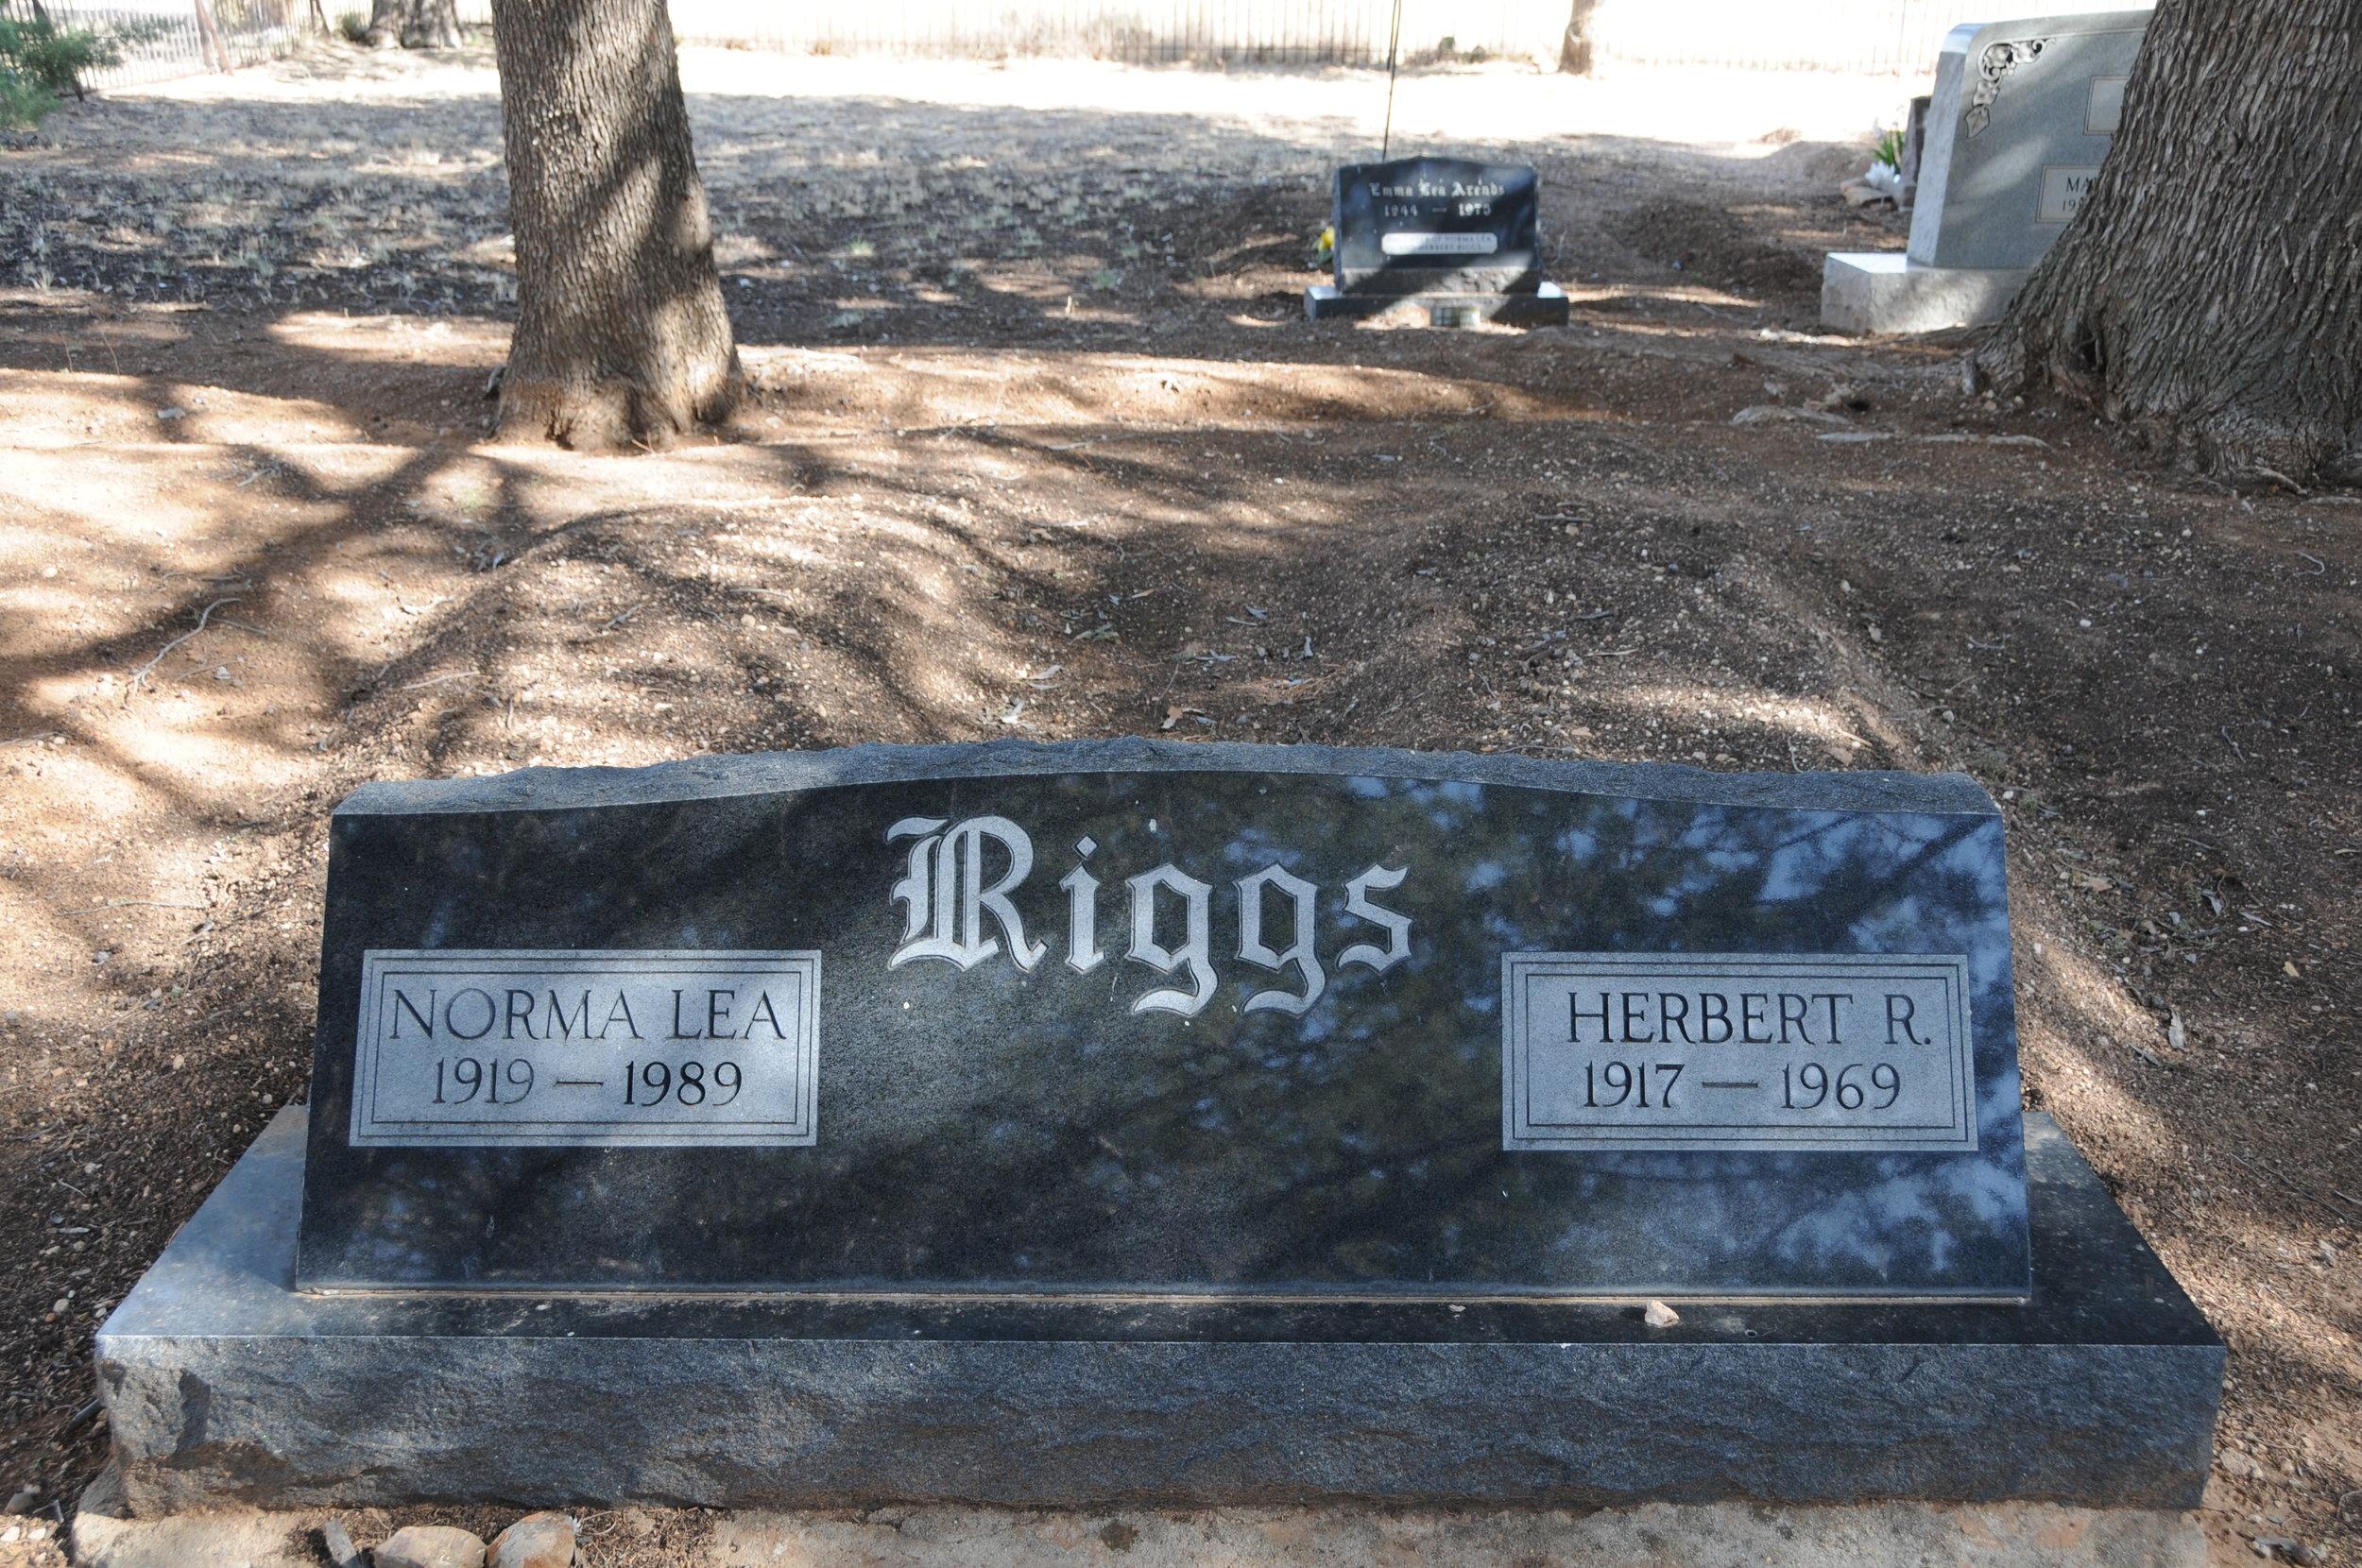 3c HERBERT & NORMA LEA (STUERMER) RIGGS